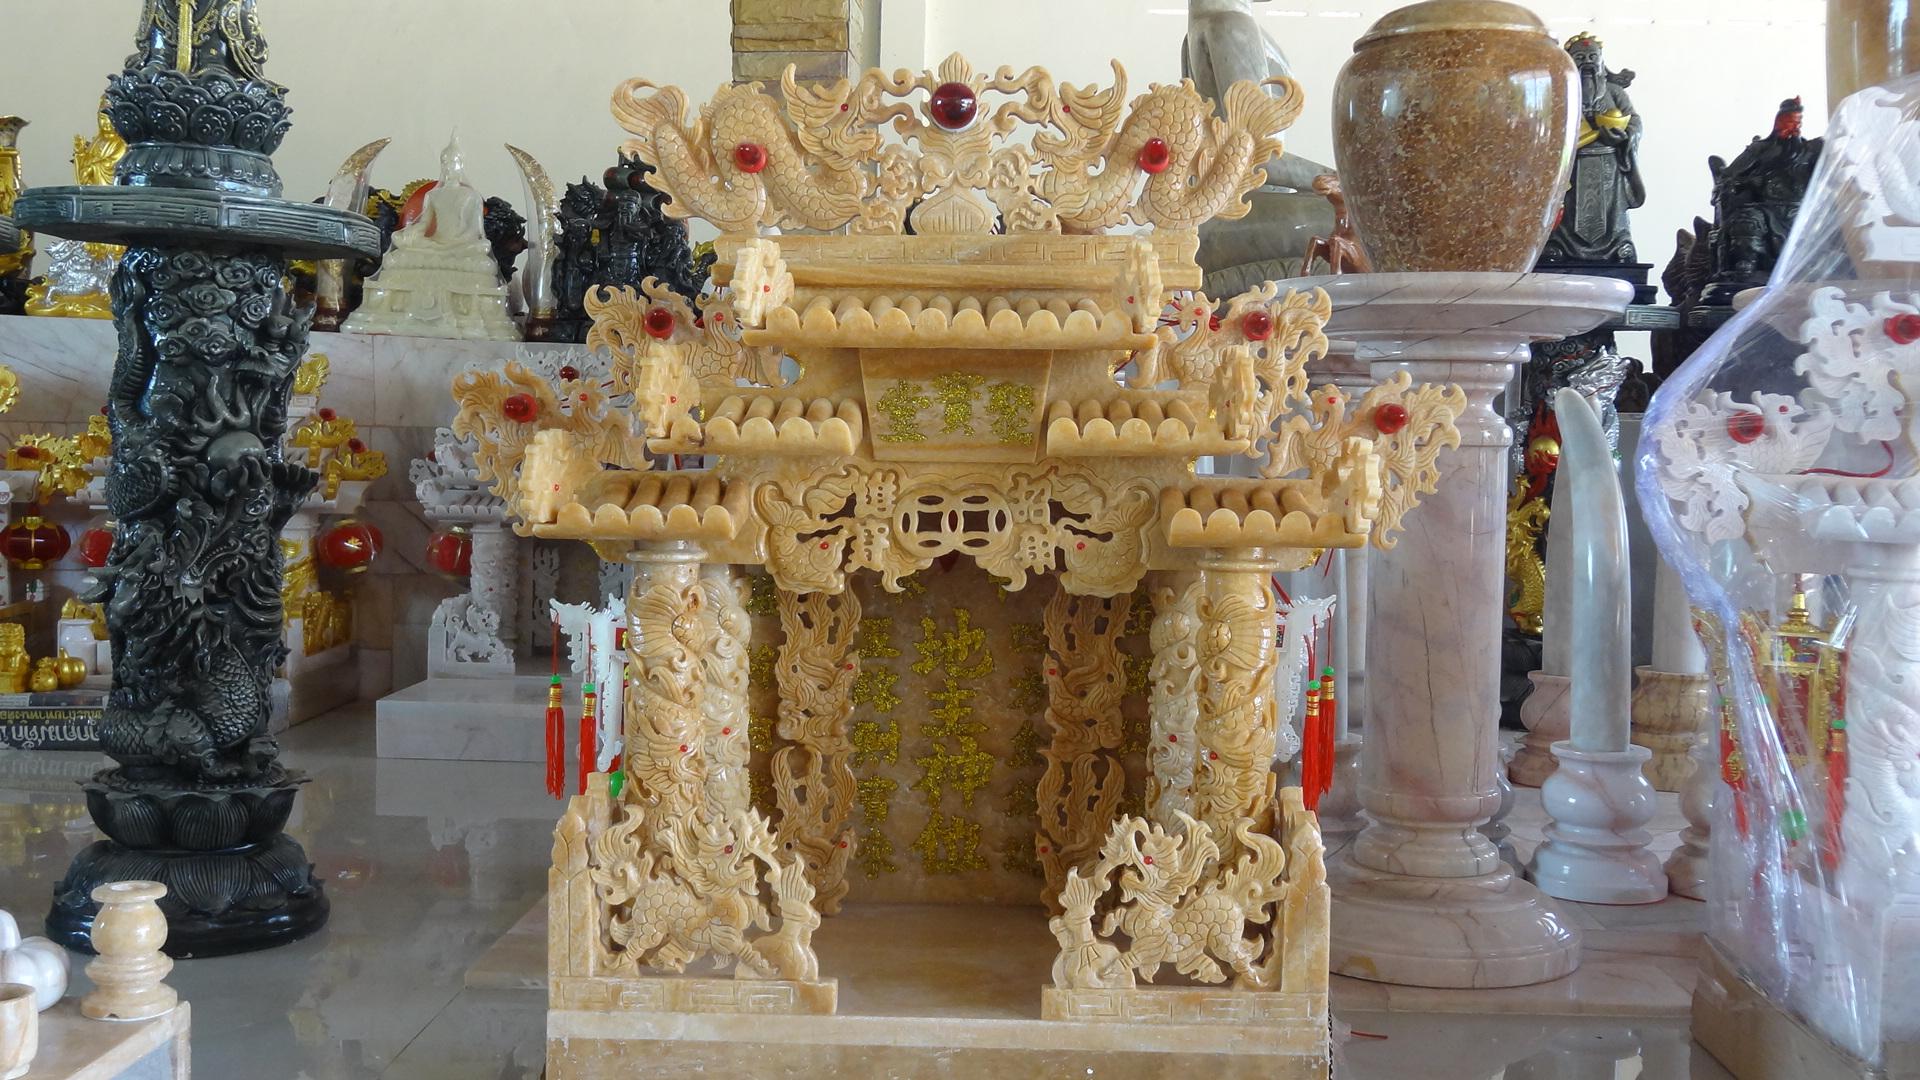 ศาลเจ้าที่หินอ่อน (ตี่จู้หินอ่อน ตี่จู้เอี๊ยะ) ขนาด 35นิ้ว 888 น้ำผึ้งทราย